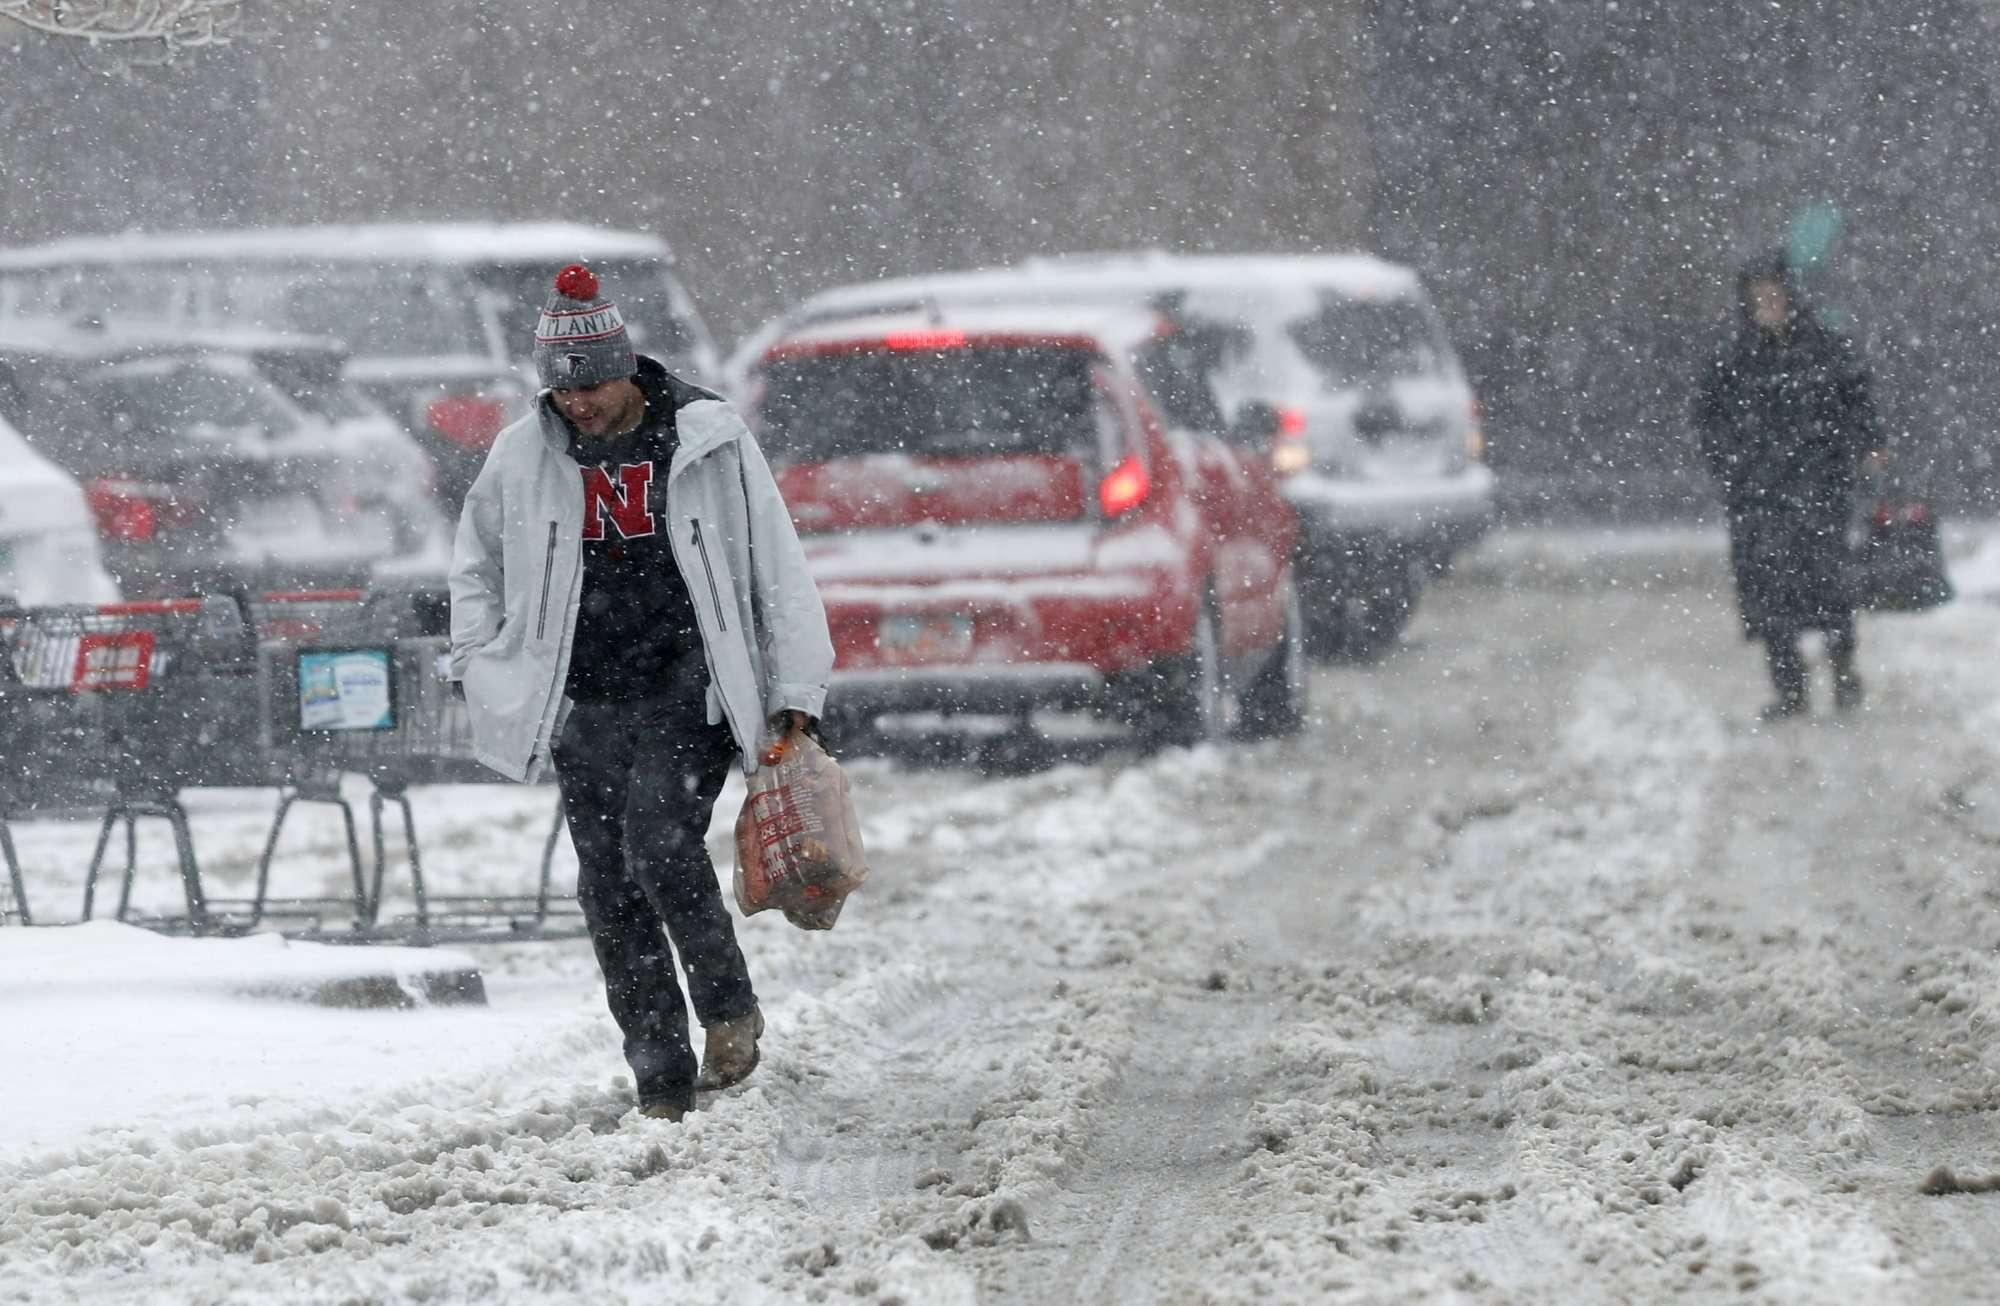 Los compradores luchan para dirigirse a sus vehículos fuera de una tienda de comestibles mientras una tormenta a finales de invierno arrastra vientos huracanados y vientos de nieve en la montaña. AP